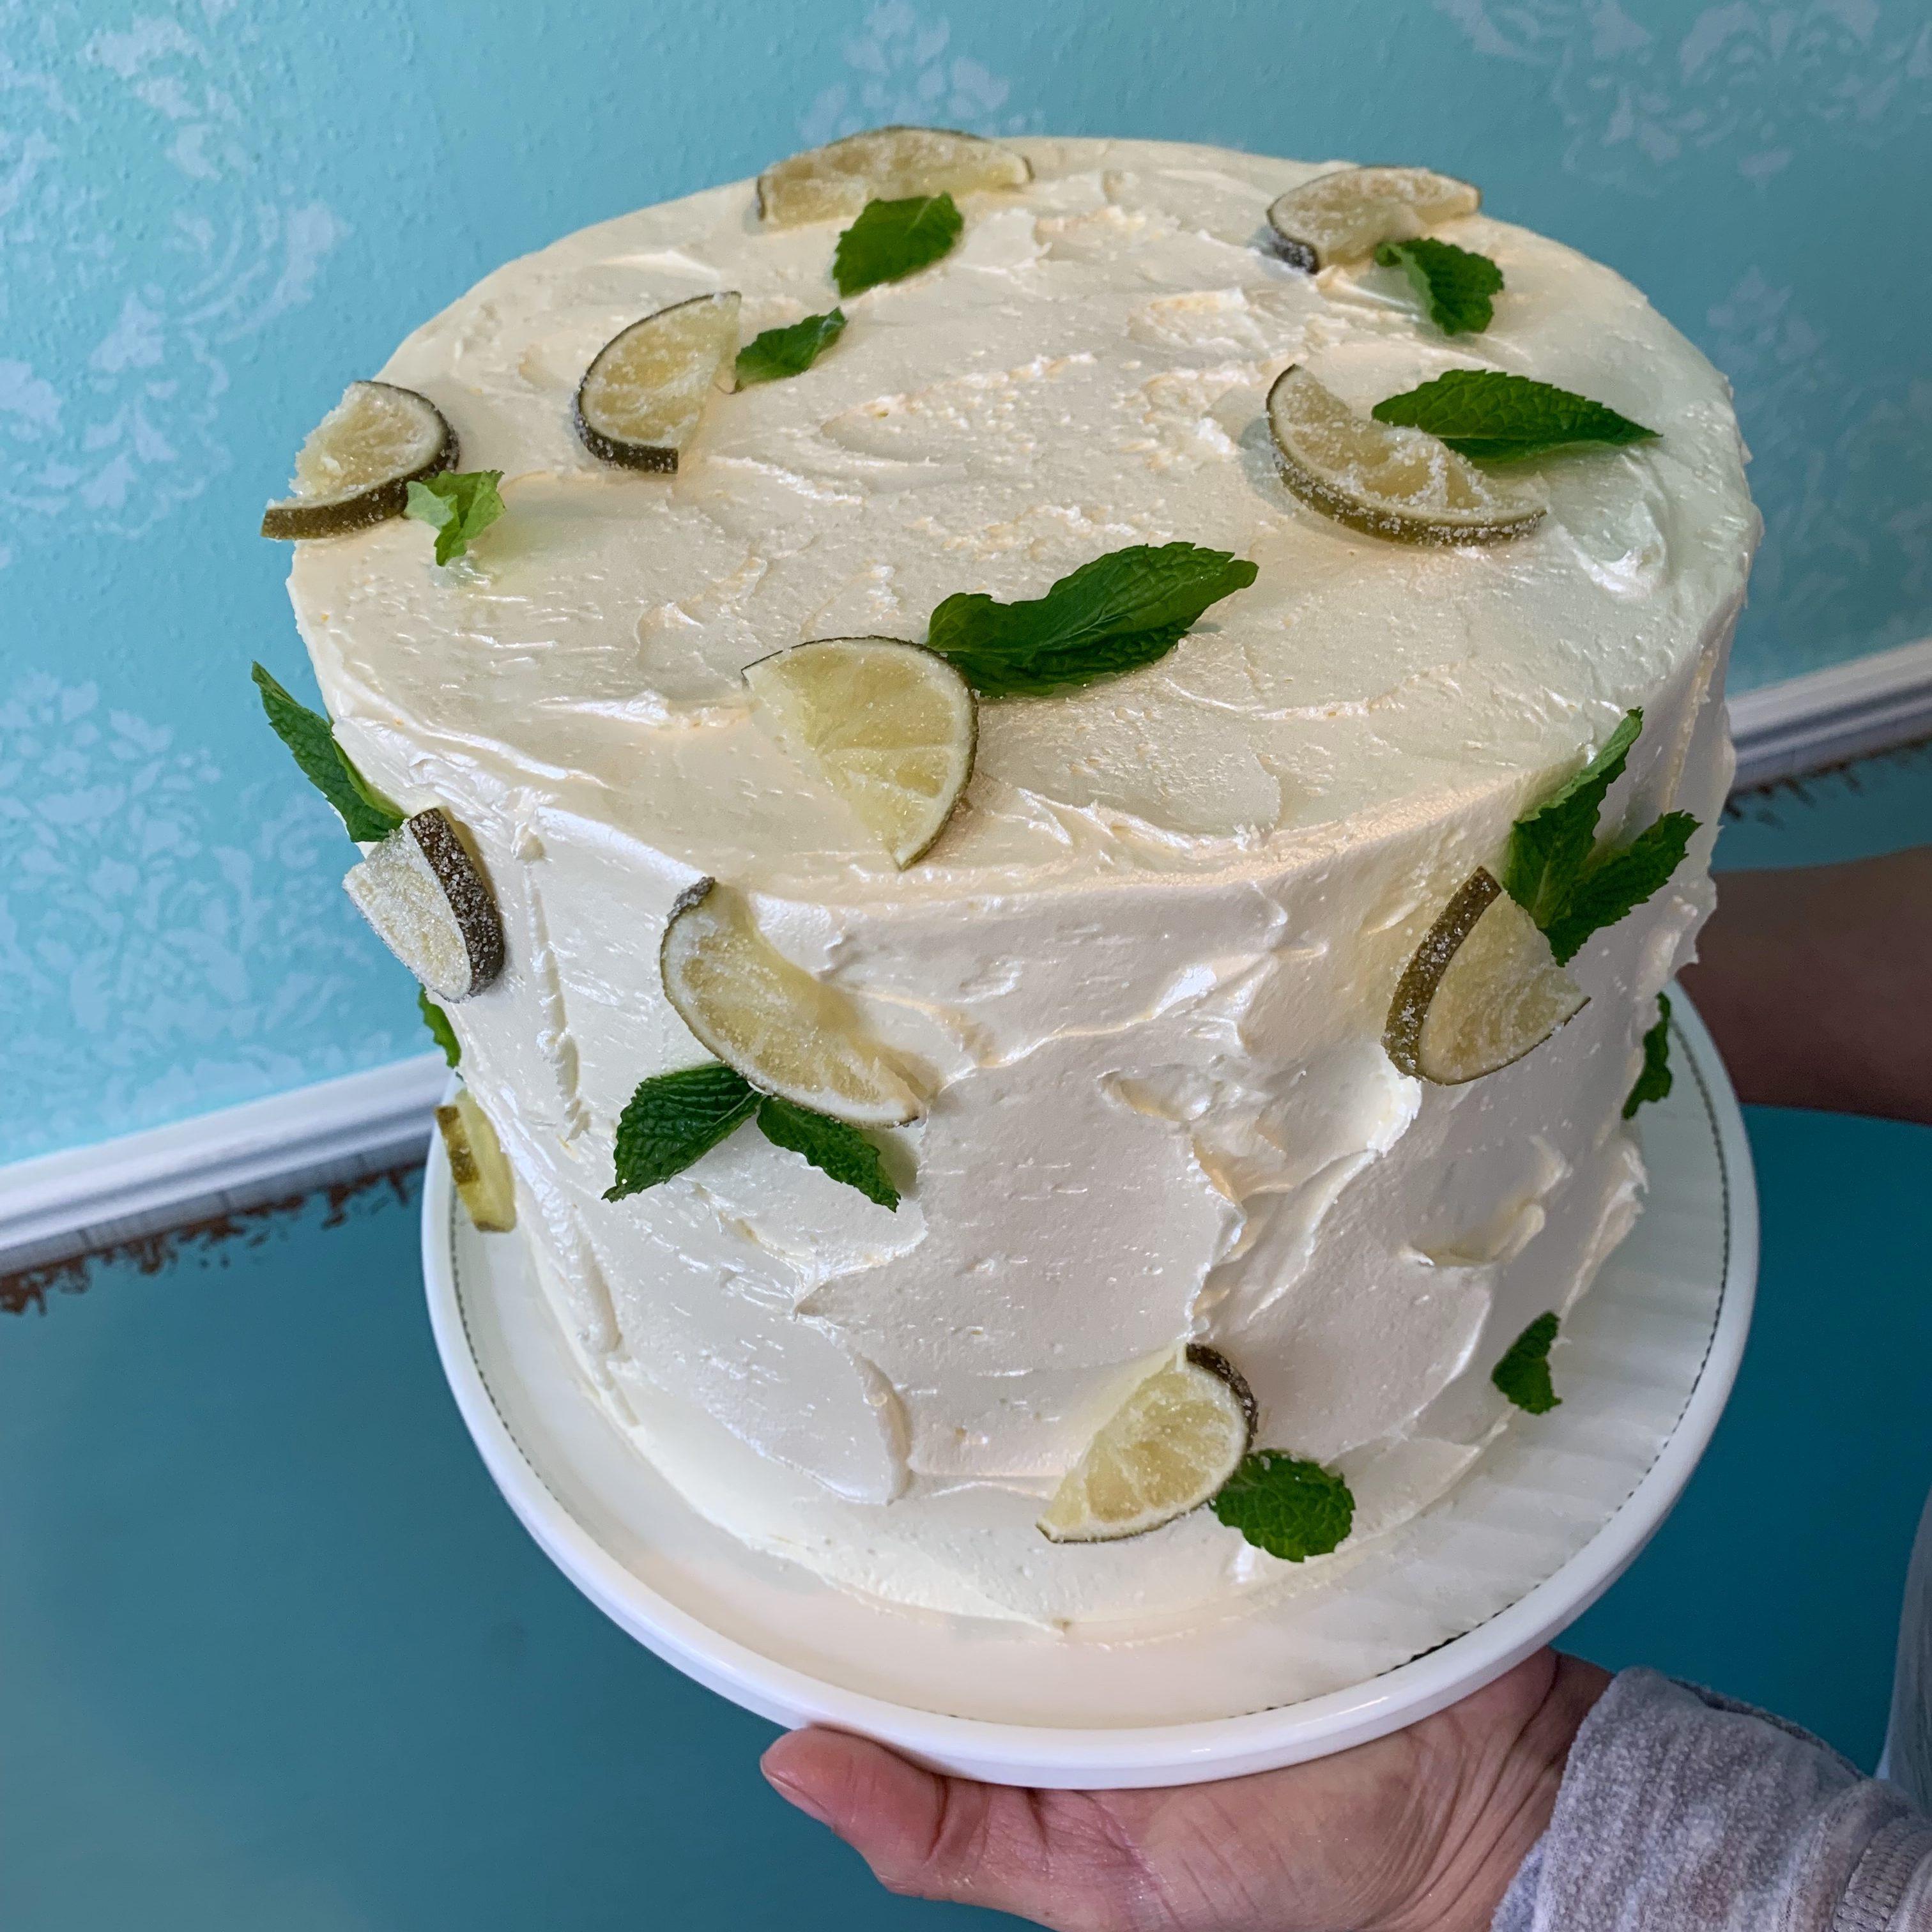 http://delicatelydelicious.com/wp-content/uploads/2019/05/Key-Lime-Pie-Dessert-Finish-e1557244216927.jpg